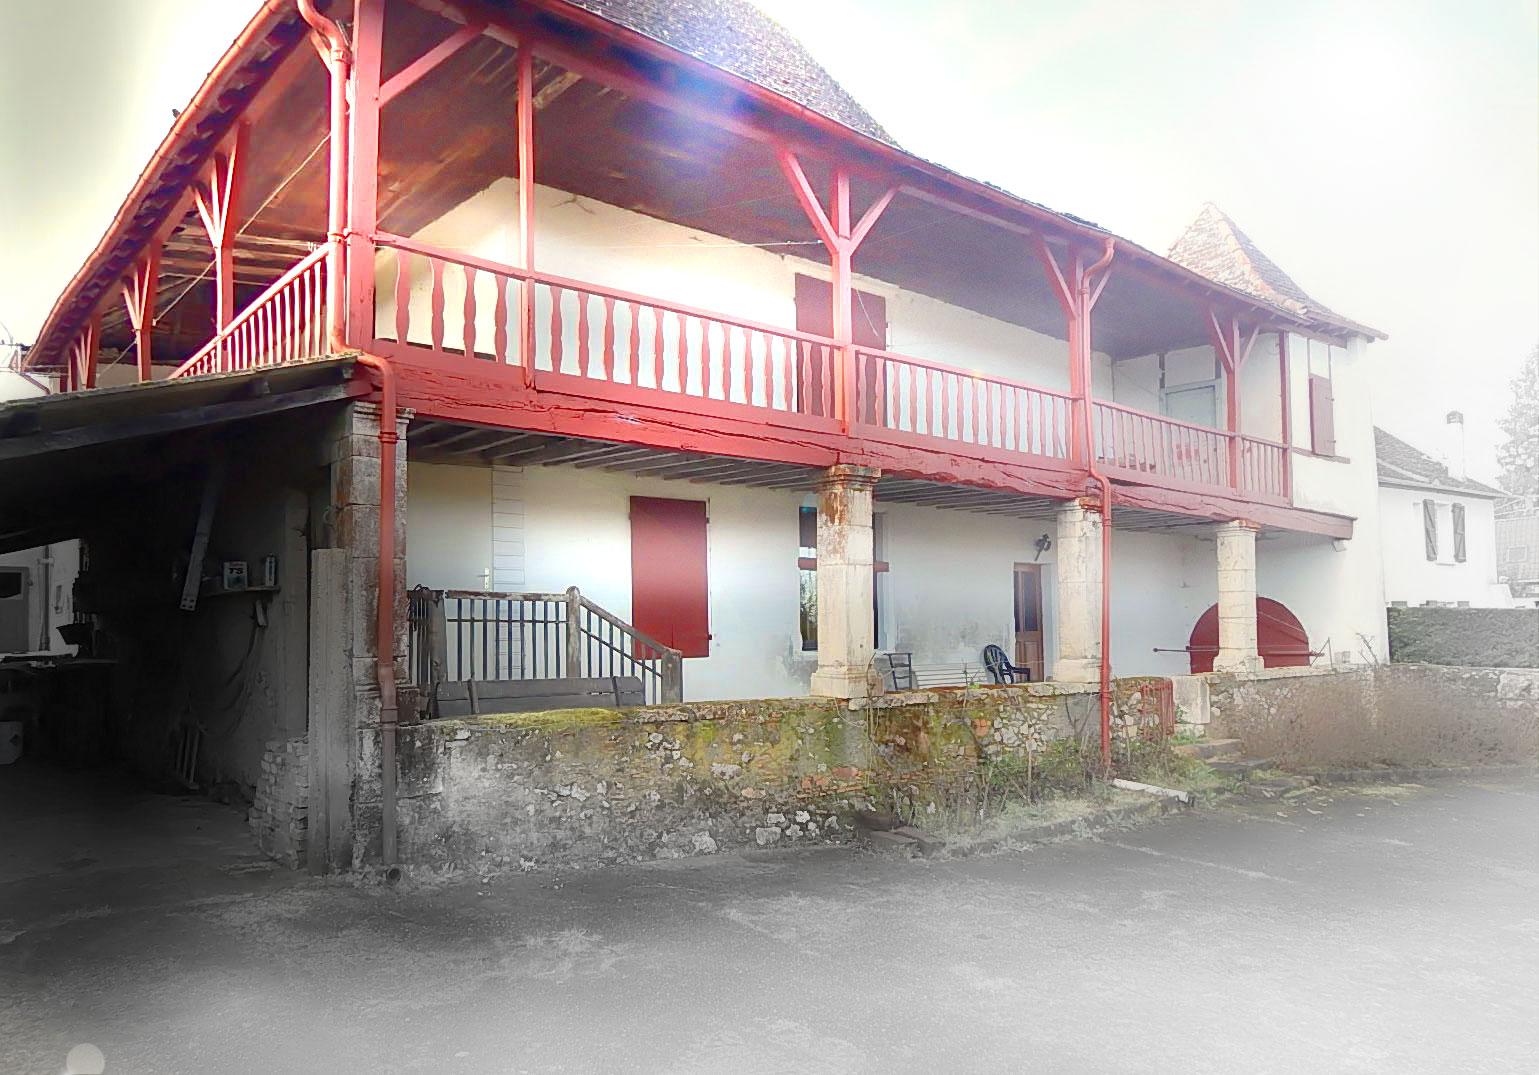 La maison est entourée d'une terrasse en charpente bois. Cet espace extérieur qualitatif sera restauré tout en conservant son caché actuel.